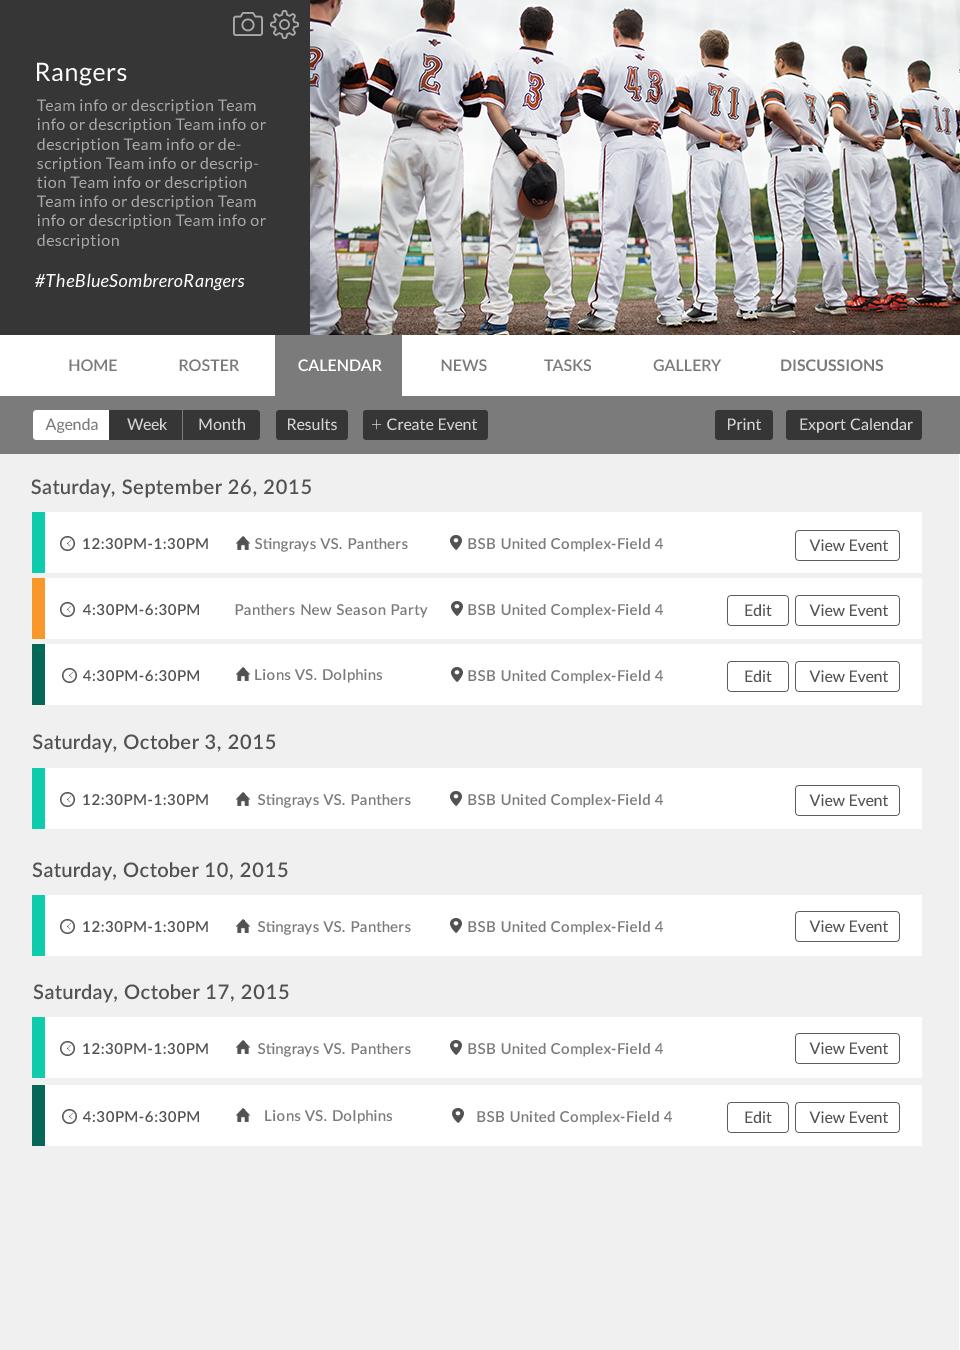 TeamPages_Roster_Calendar_Agenda.jpg